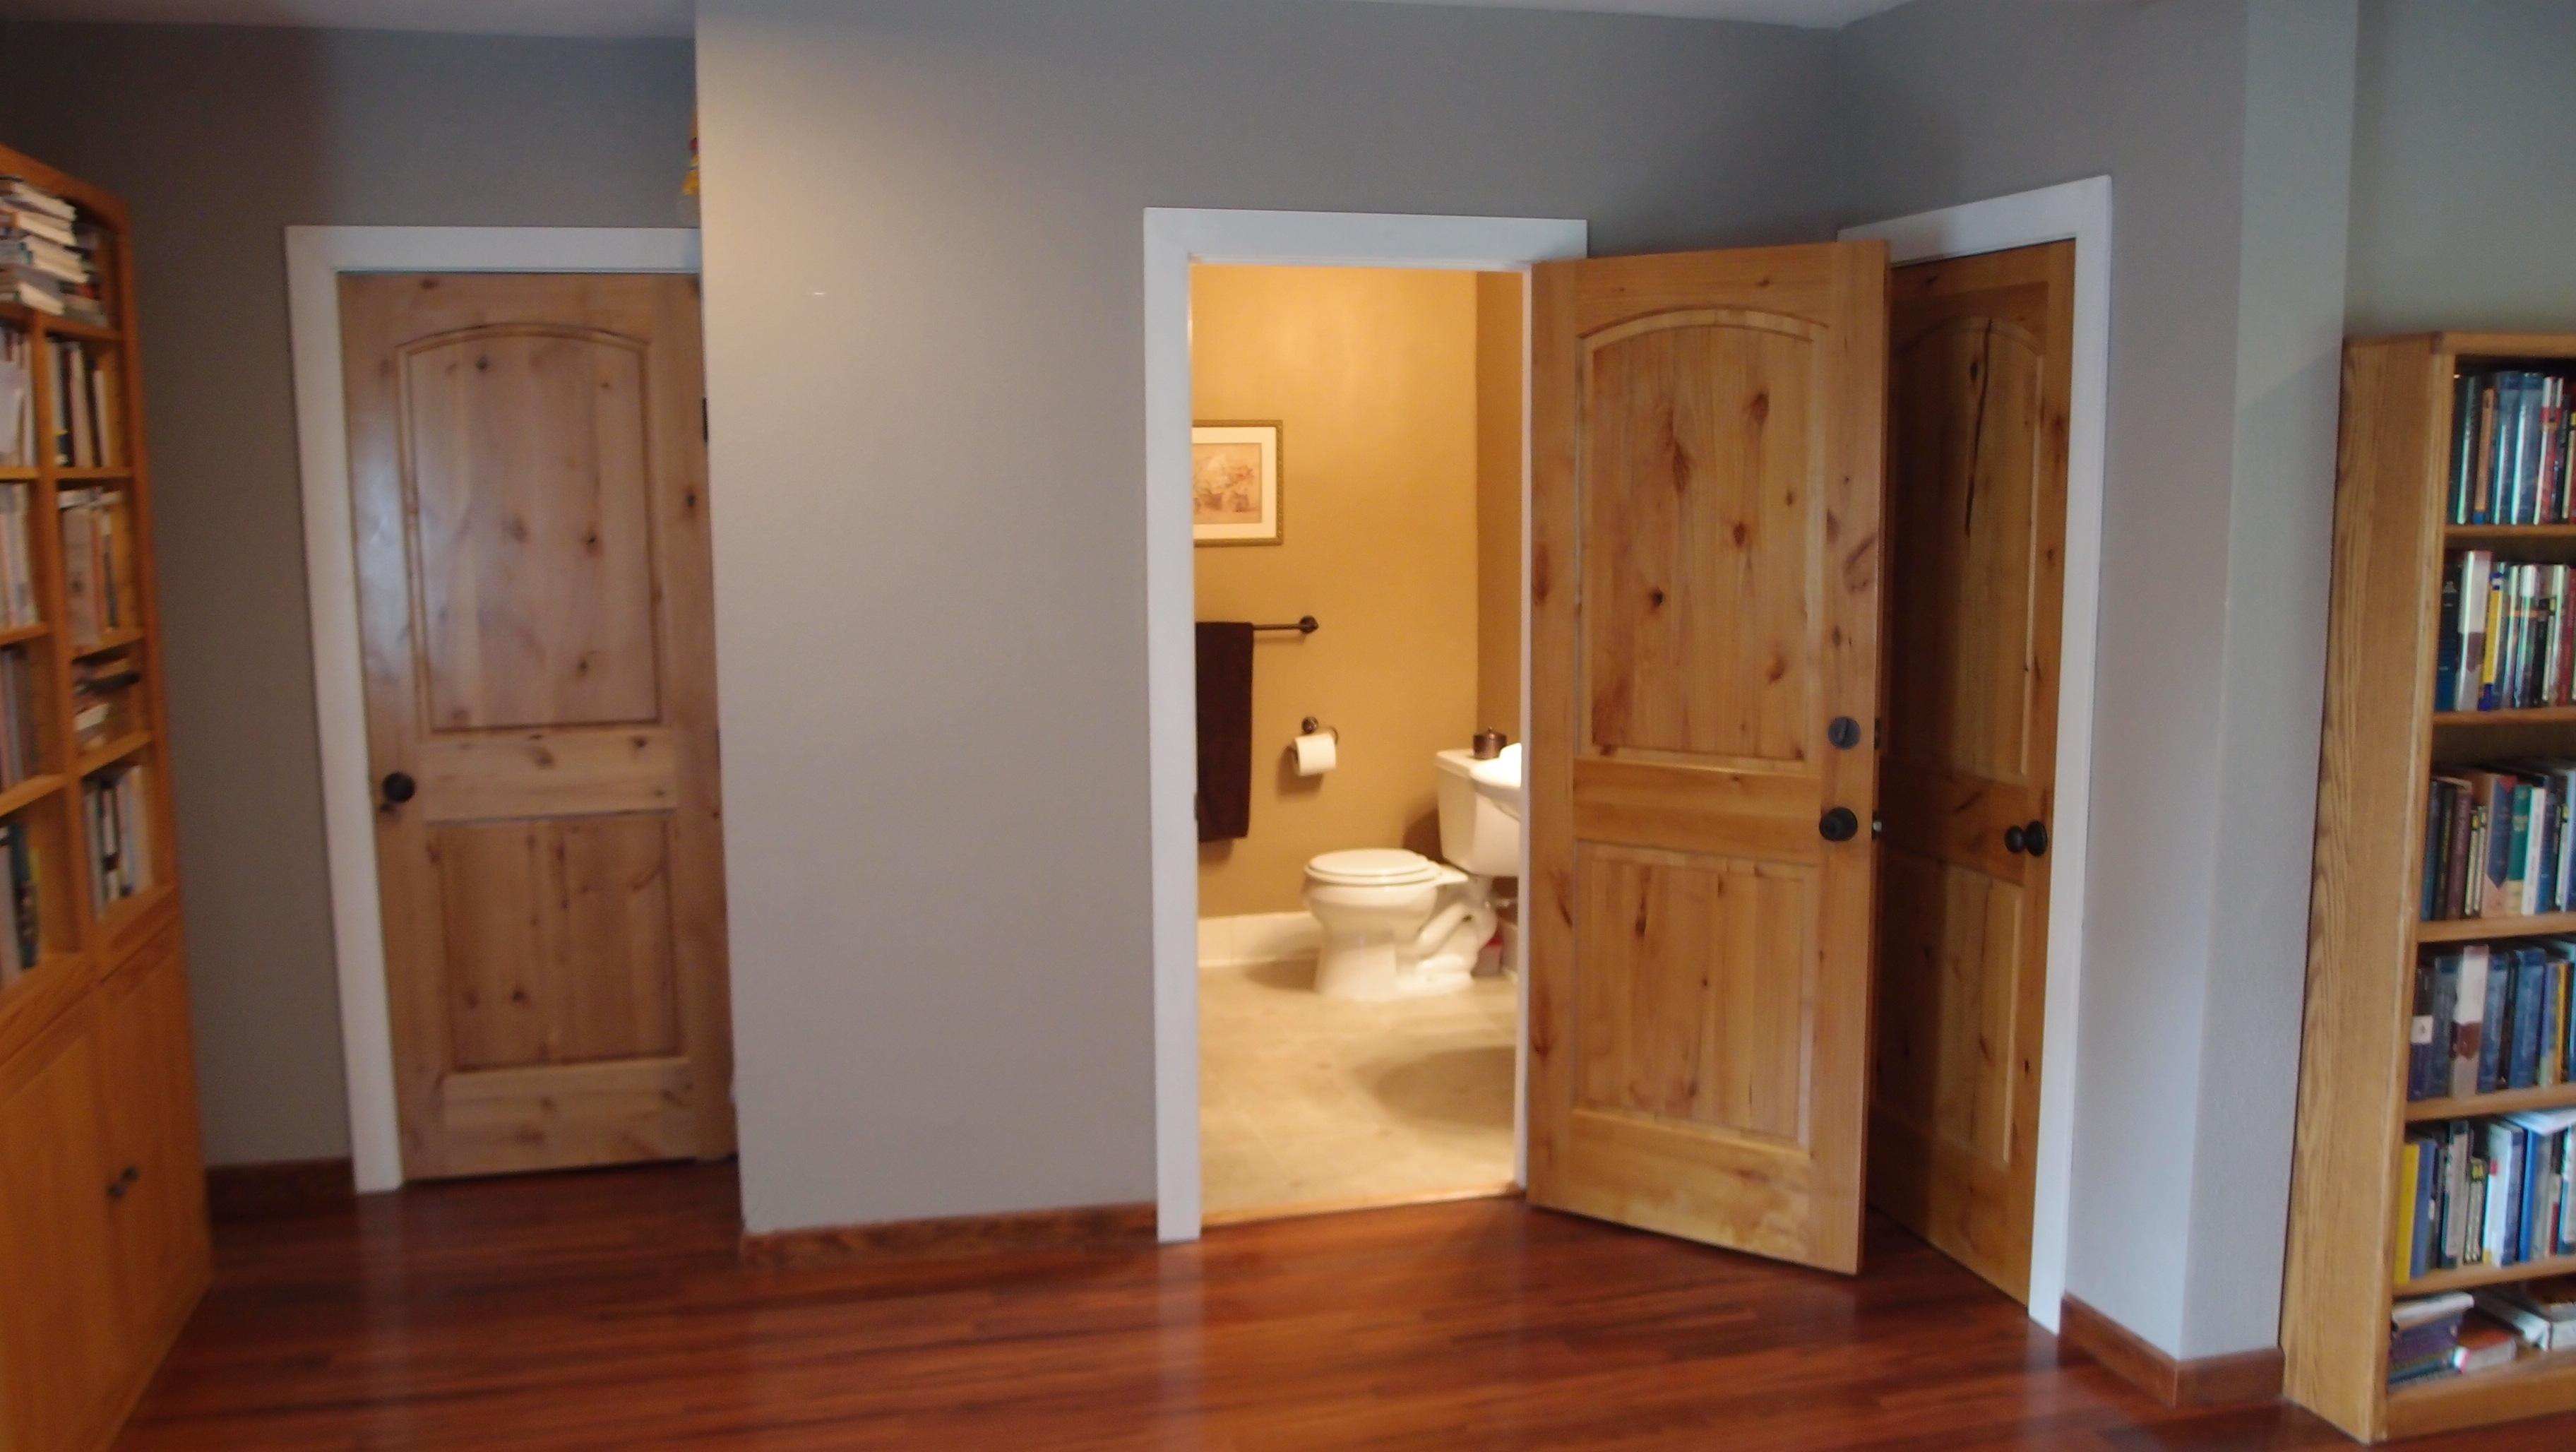 Interior crawl space door - Bathroom Renovation